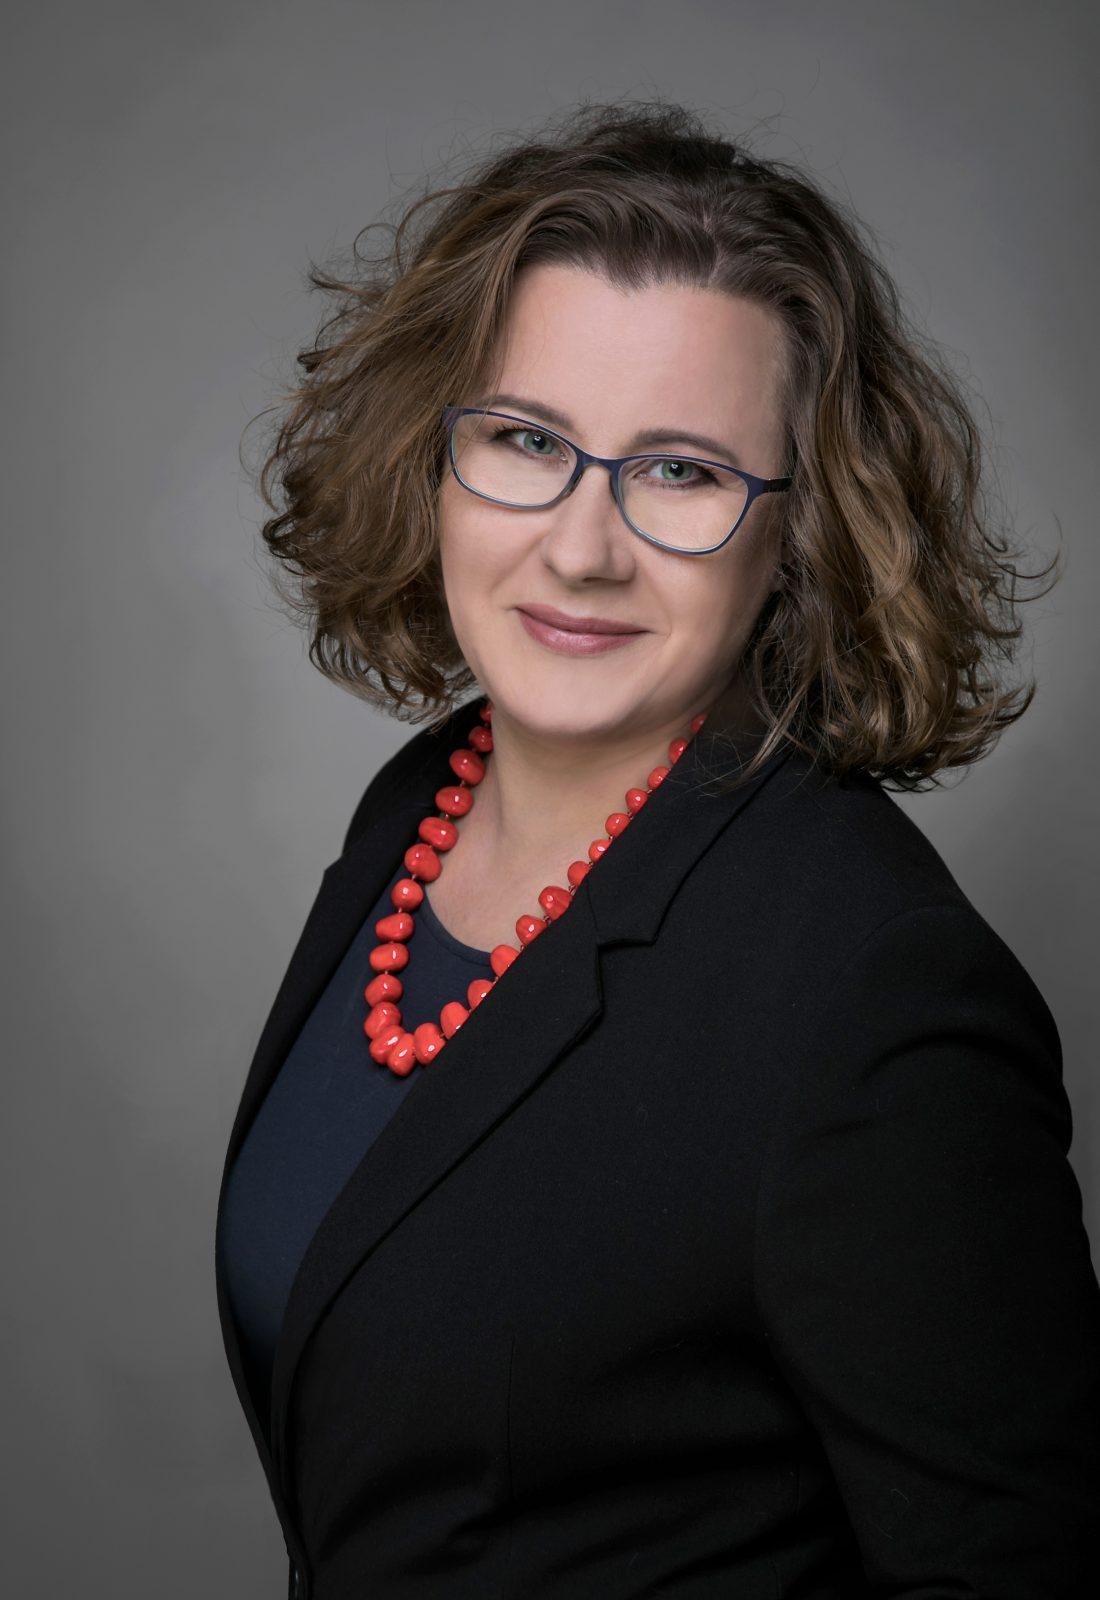 Katarzyna Staciwa